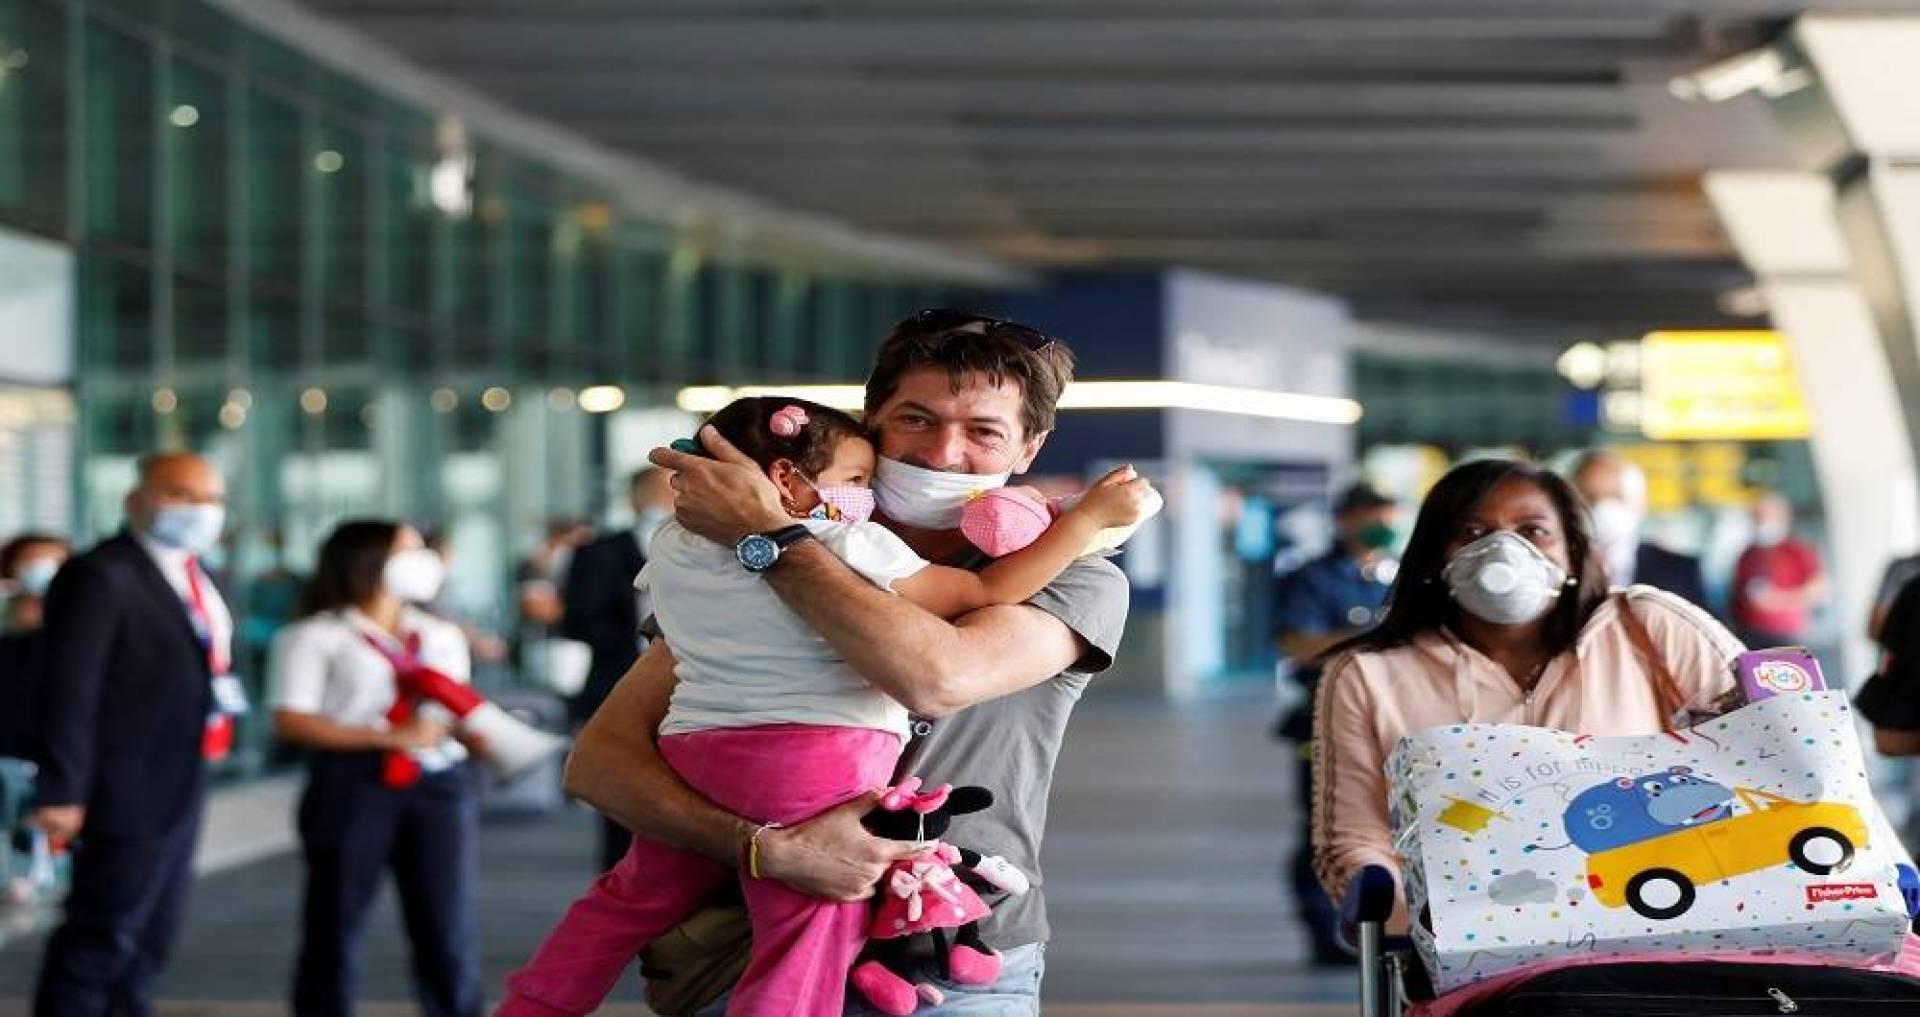 السماح للإيطاليين بالتنقل في البلاد لأول مرة منذ 3 أشهر